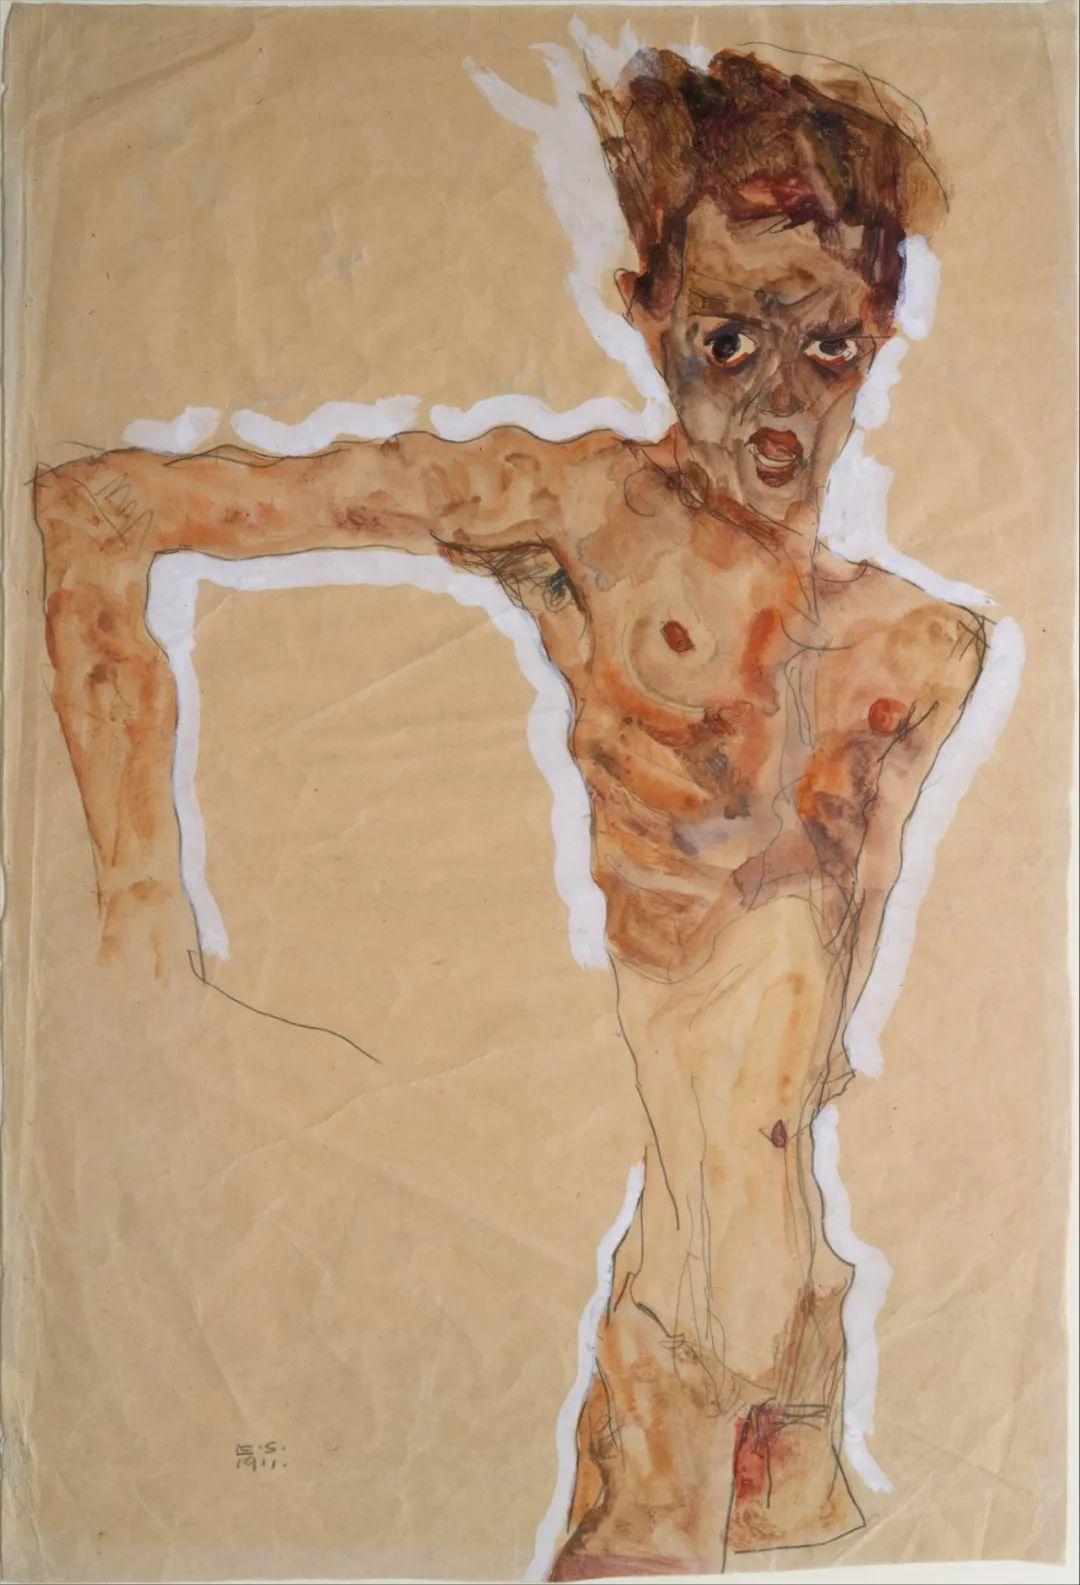 年仅28岁,生前遭受非议,死后却被捧为直逼心灵的艺术家插图161